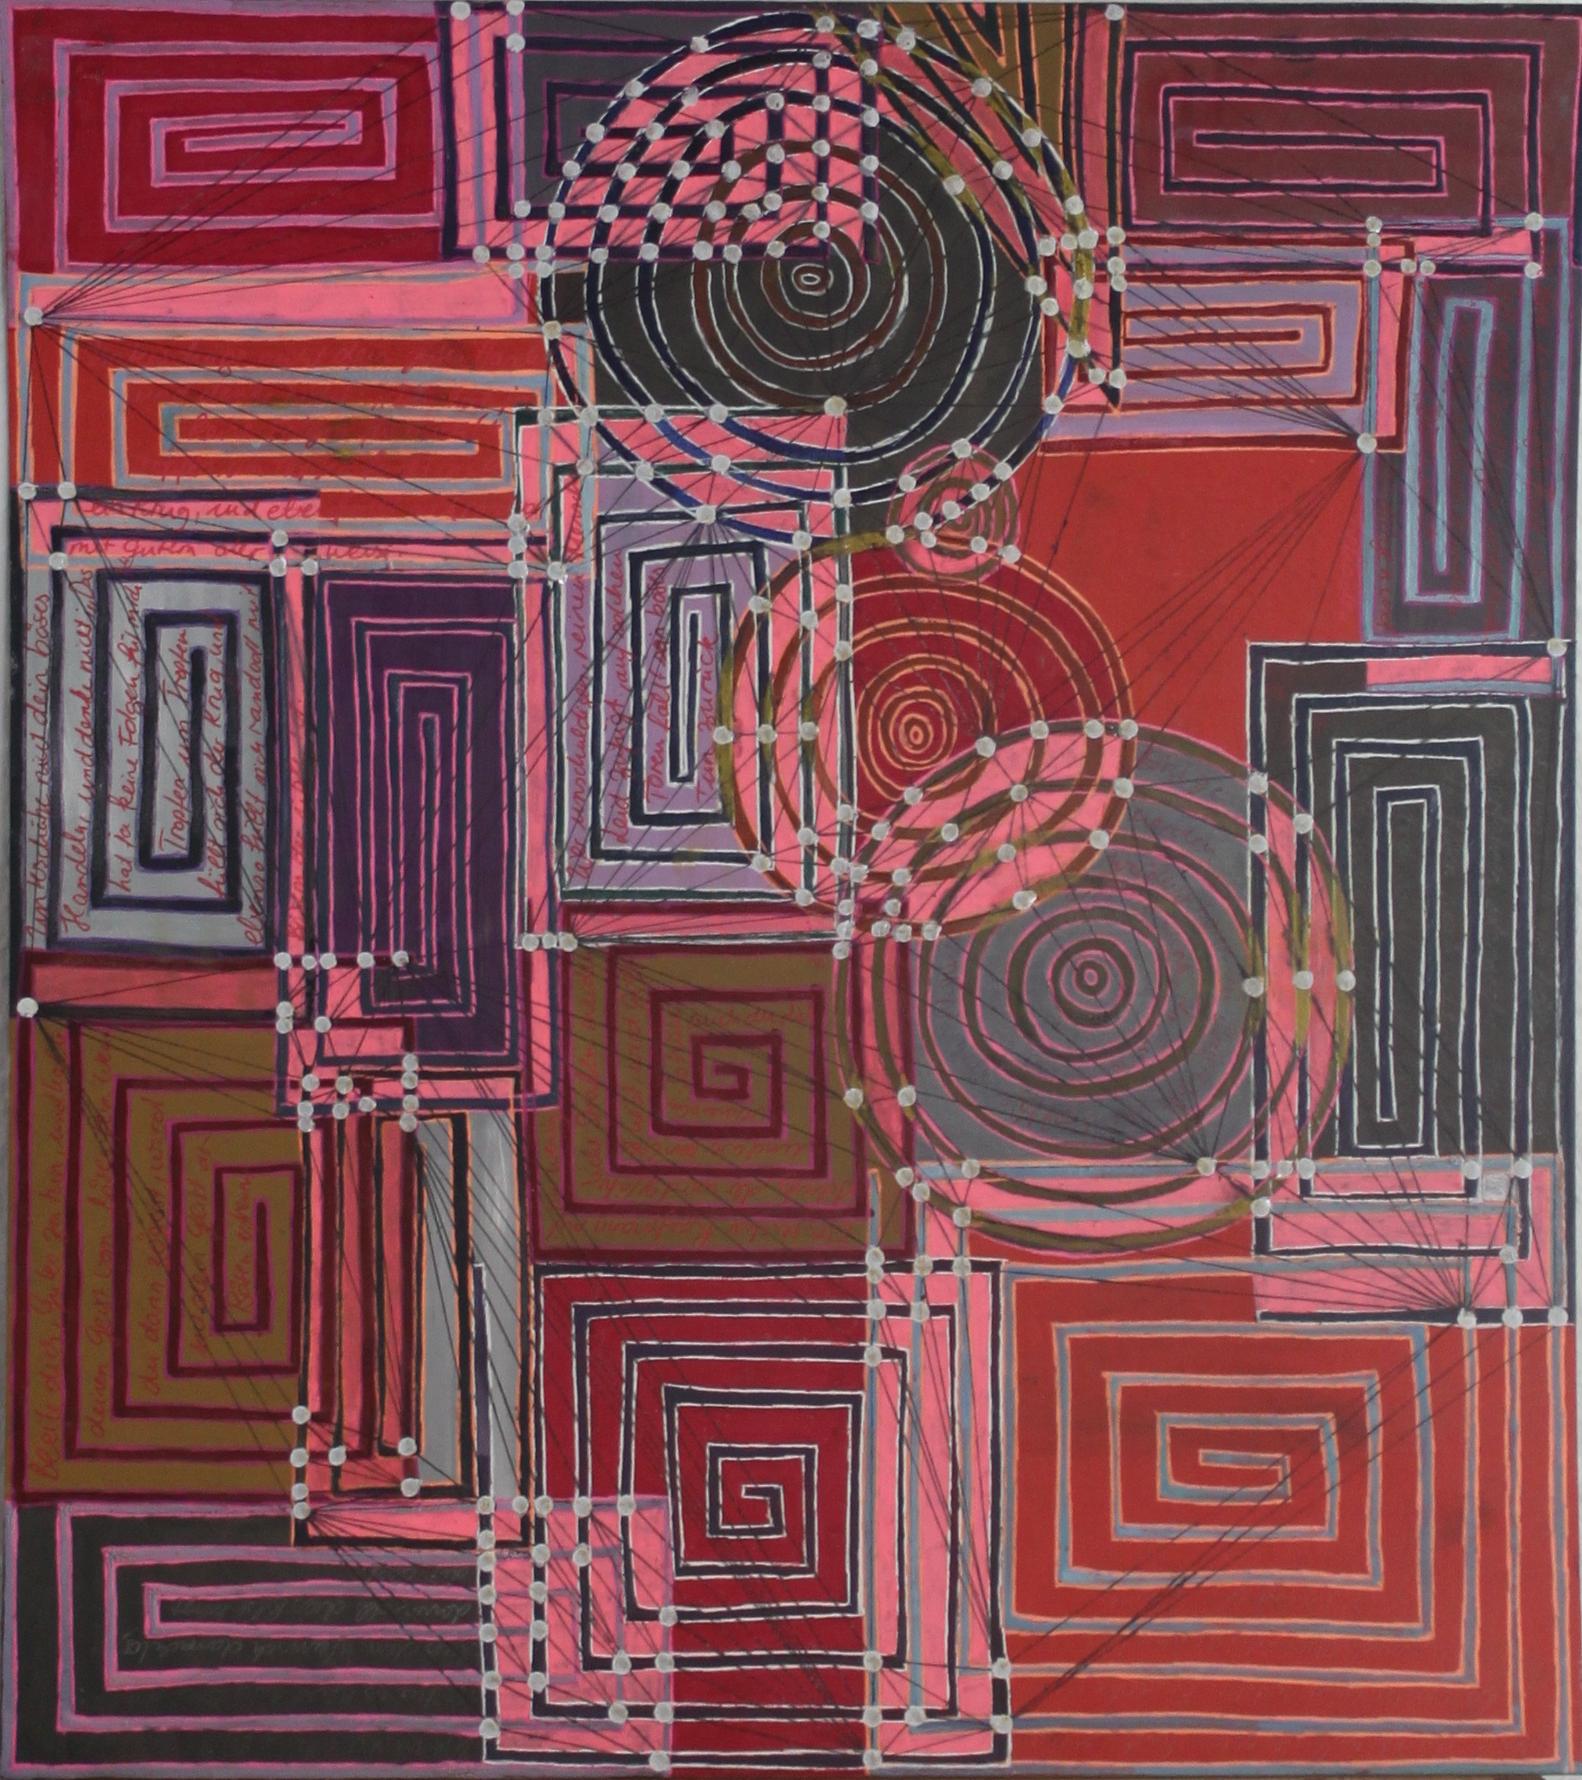 Sakura 9 - Die böse Tat; Mischtechnik auf Karton; 42 cm x 37 cm; 2018